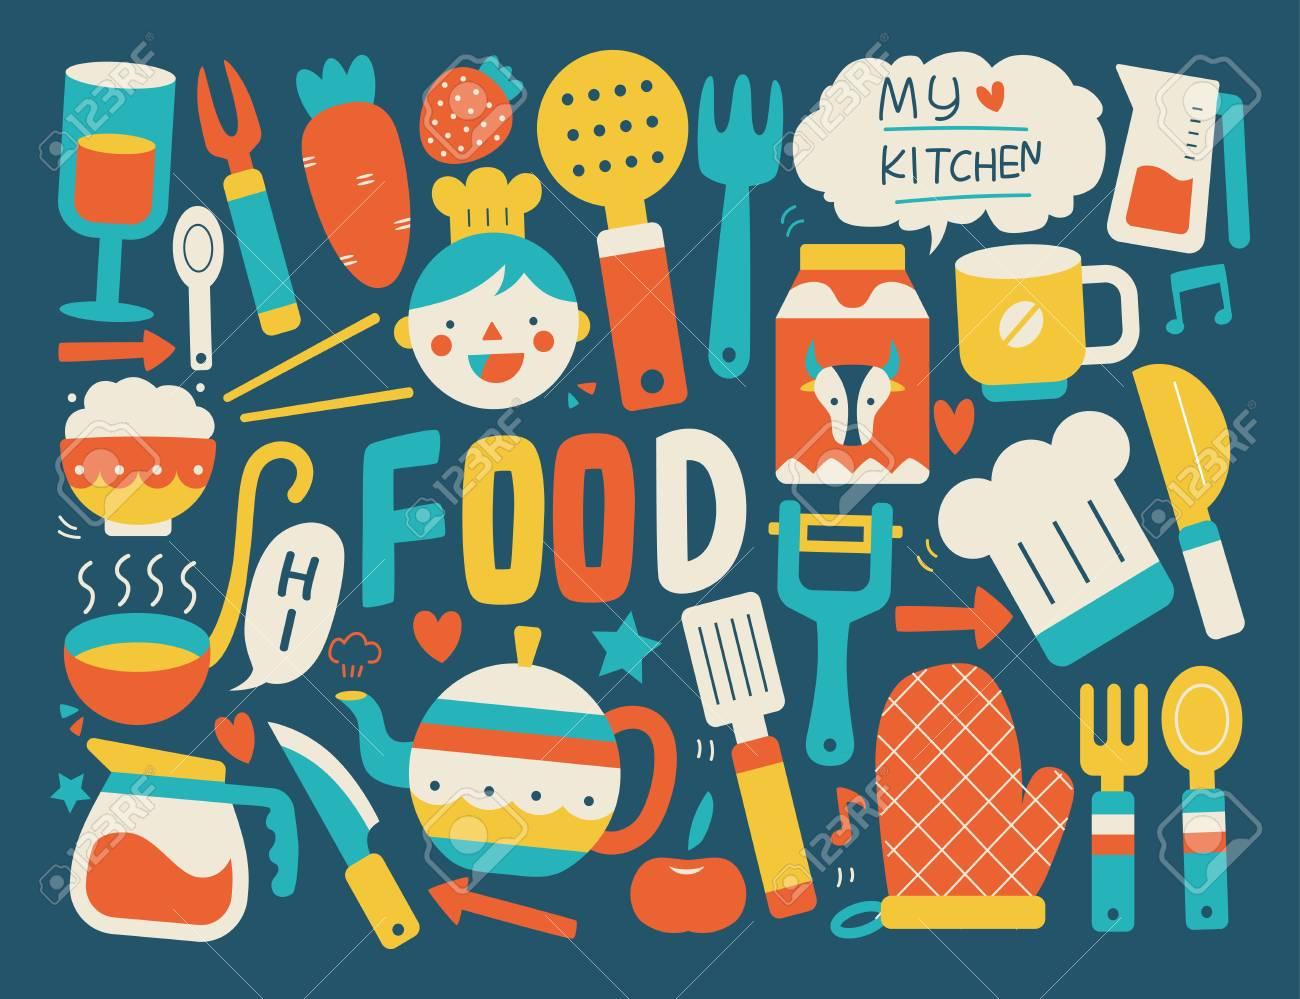 Kochen Und Küche | Kochen Und Kuche Hintergrund Lizenzfrei Nutzbare Vektorgrafiken